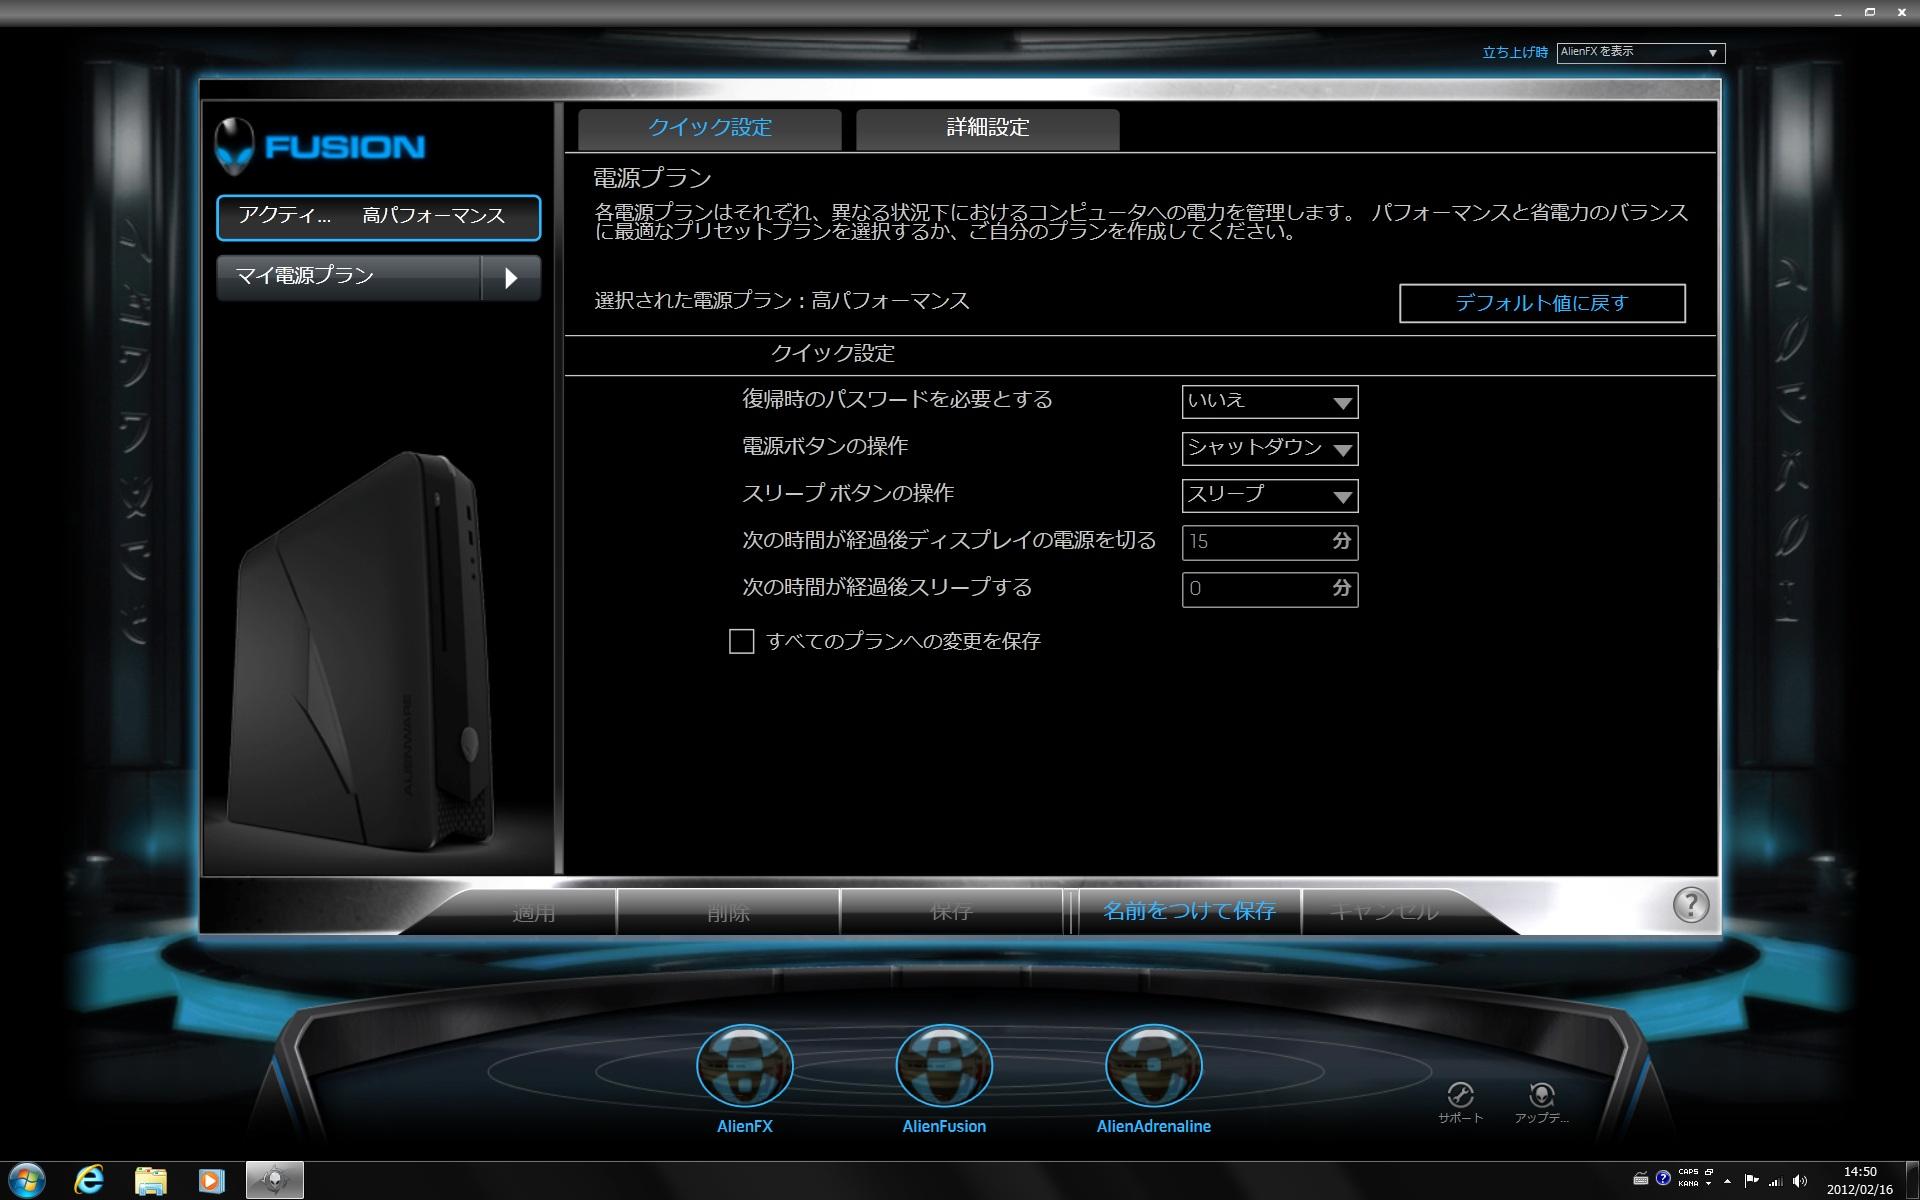 画像 Hothotレビュー デル Alienware X51 Mini Itxを採用した省スペースゲーミングpc 23 26 Pc Watch